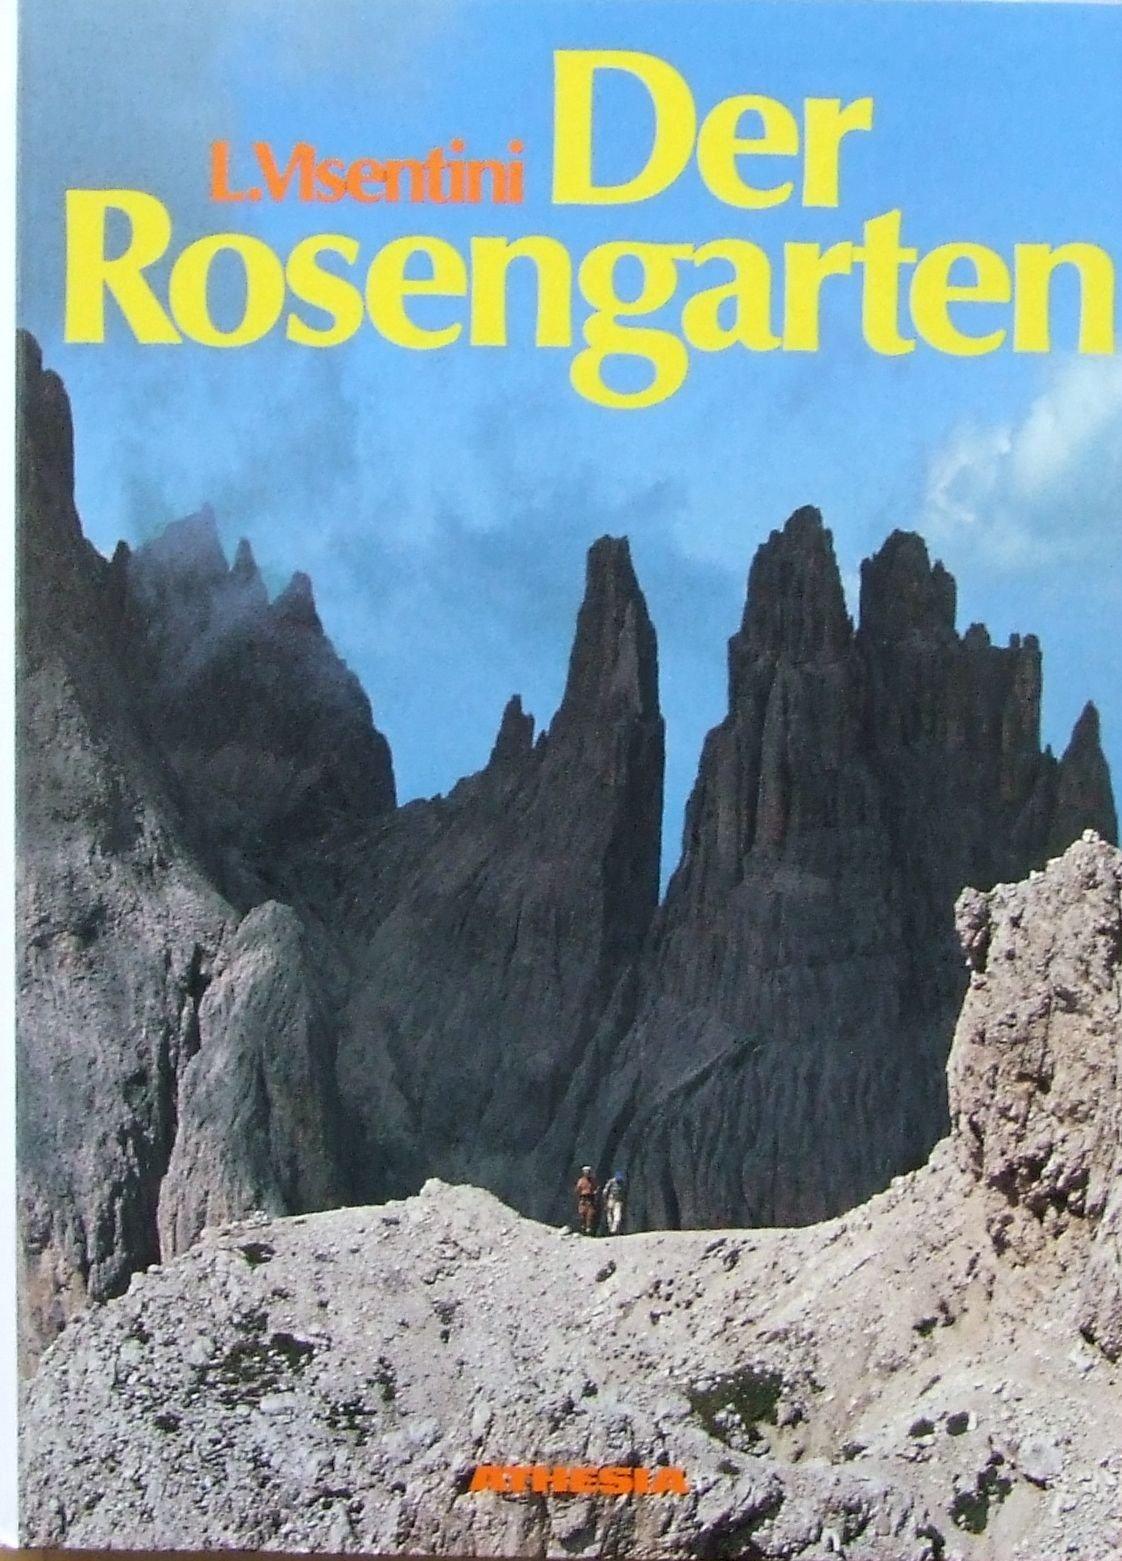 Der Rosengarten: Führung durch eine berühmte Dolomiten-Gruppe